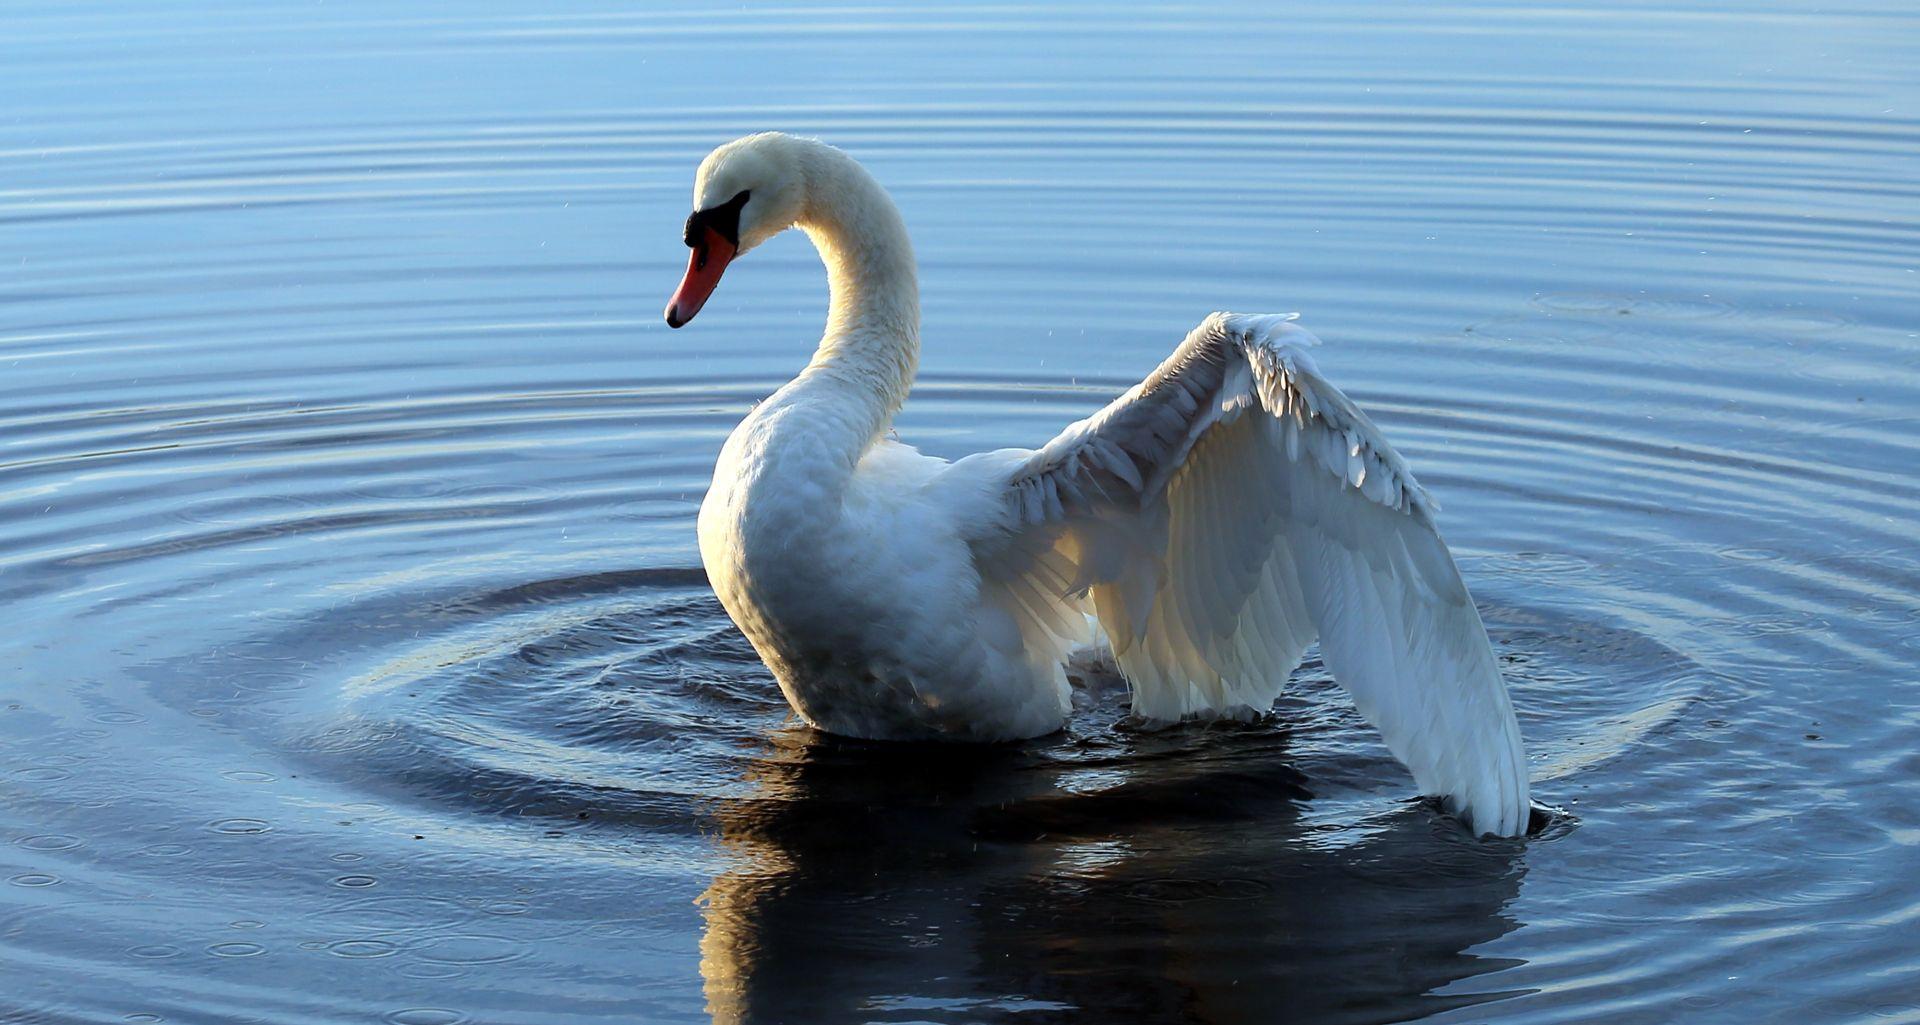 Labudica Rajna amputiranog krila puštena u jezero kod Šibenika